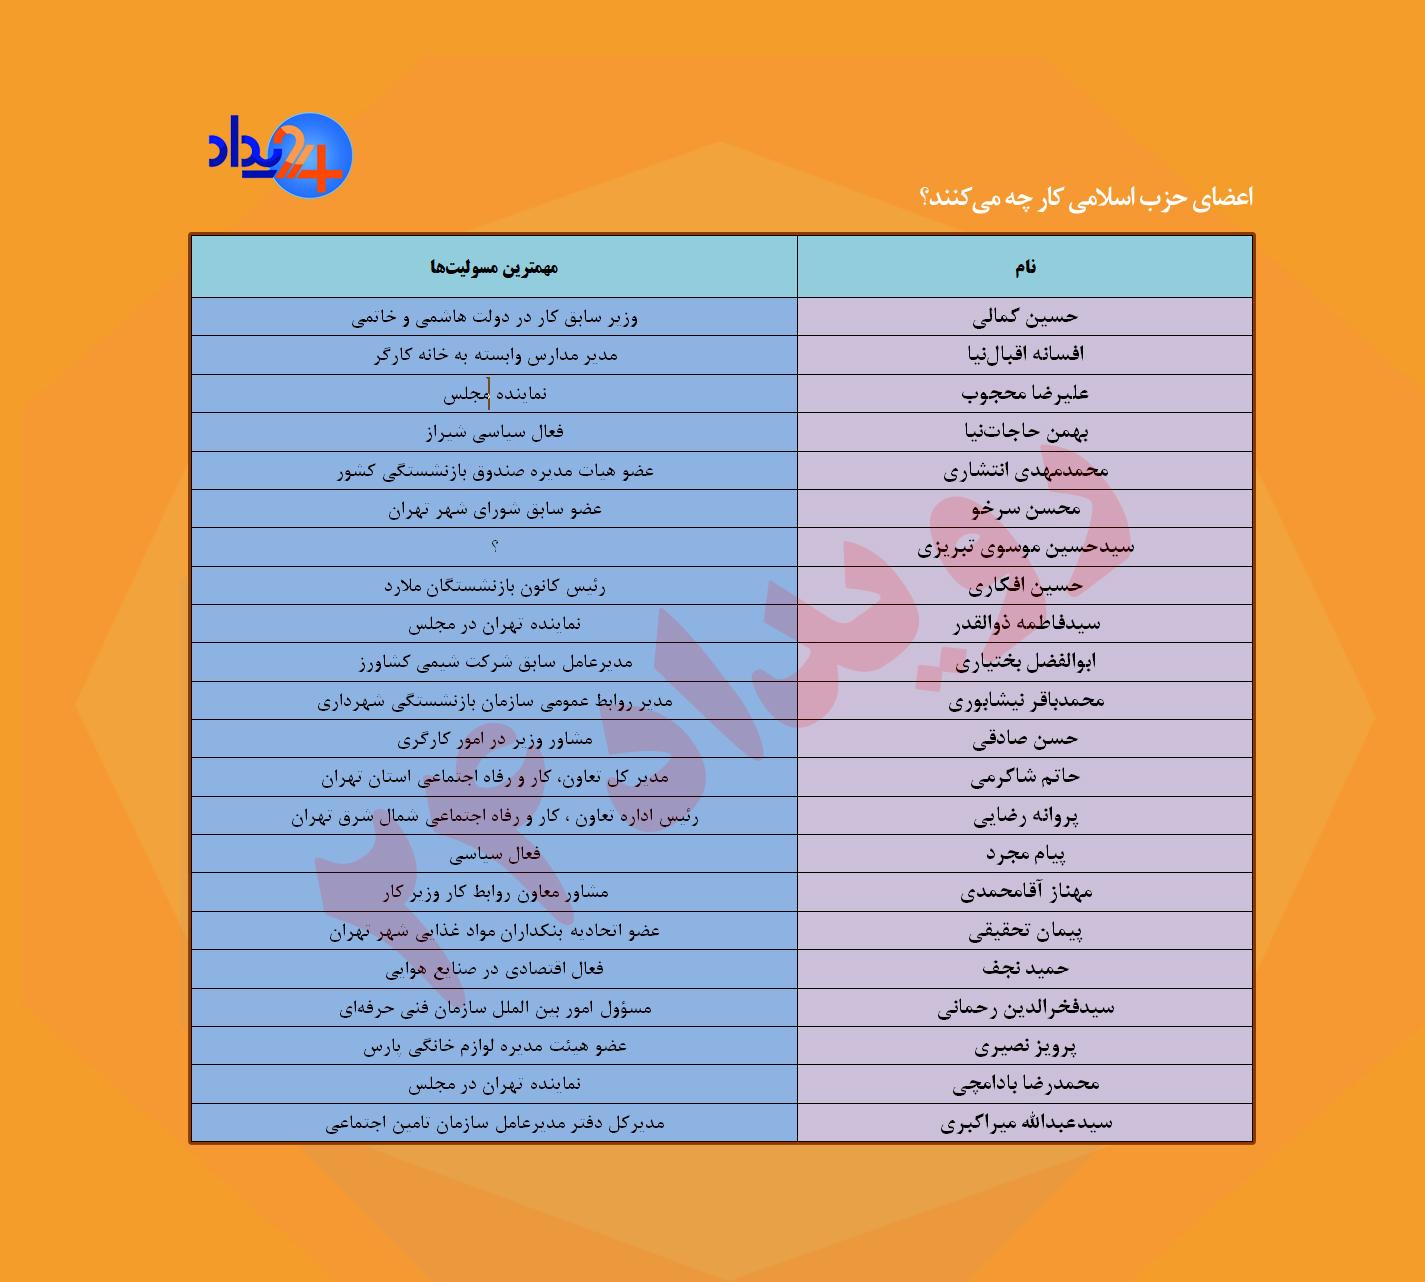 صعود و سقوط حزب همیشگی وزارت کار!